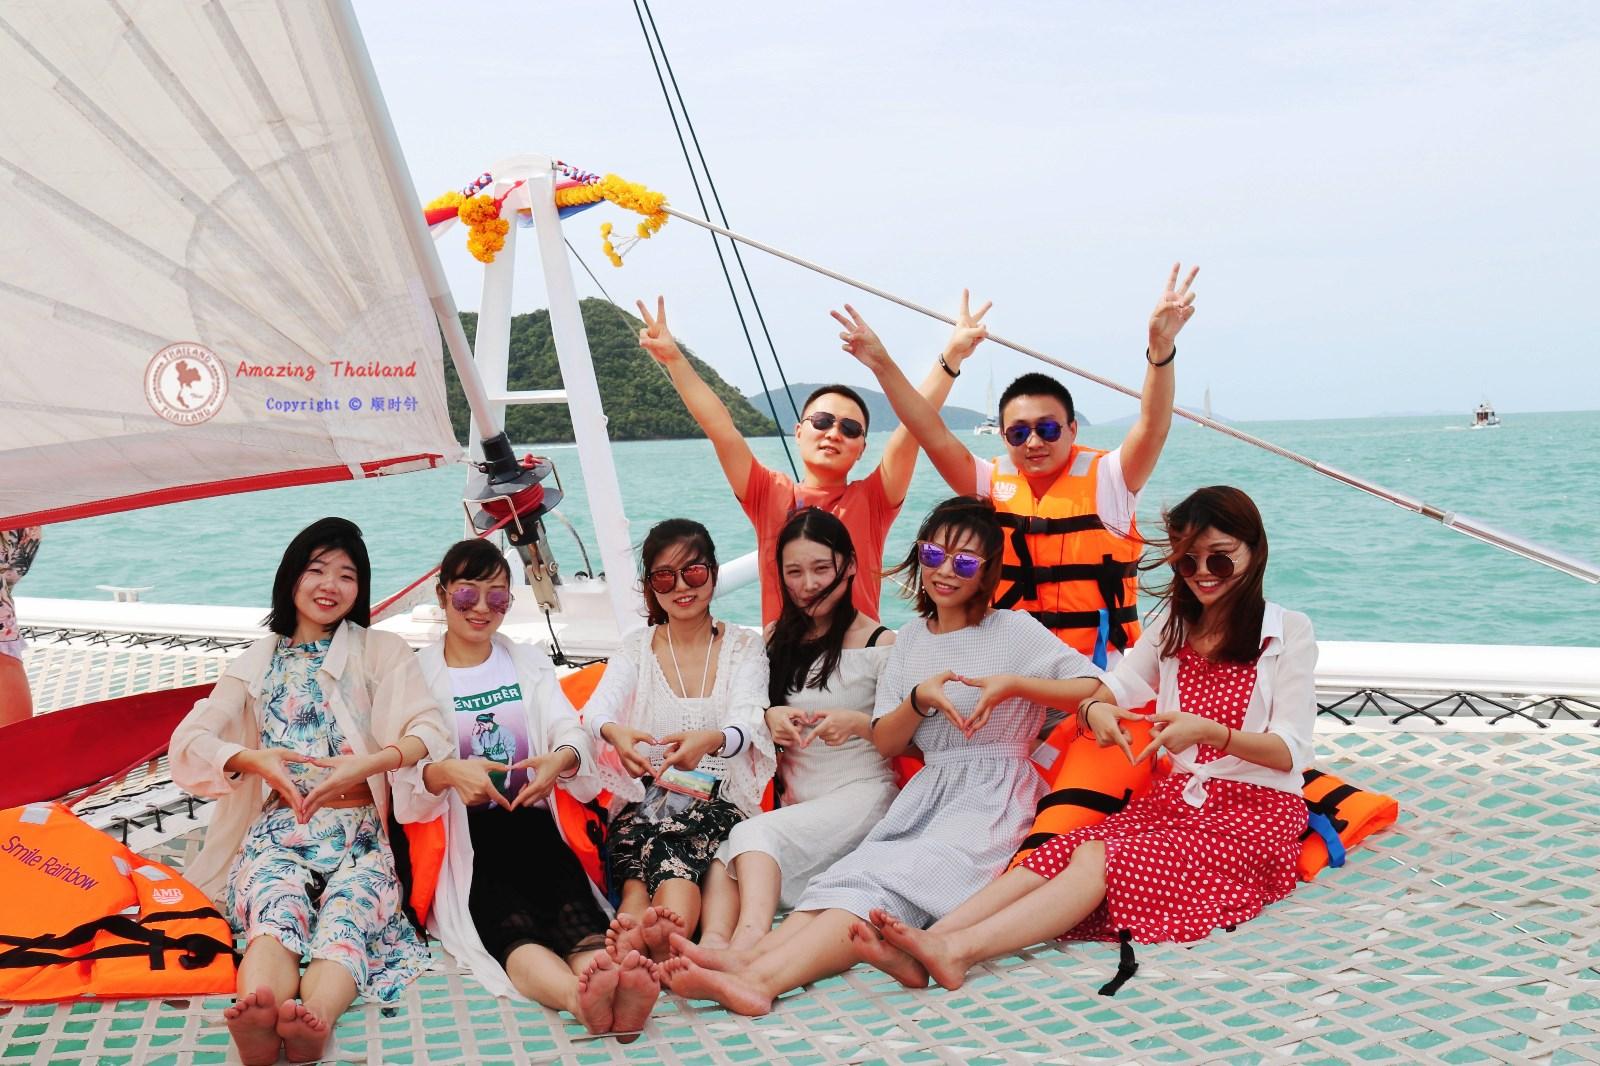 二刷泰国 从避暑清迈到骄阳普吉 由北到南感受Thai Style